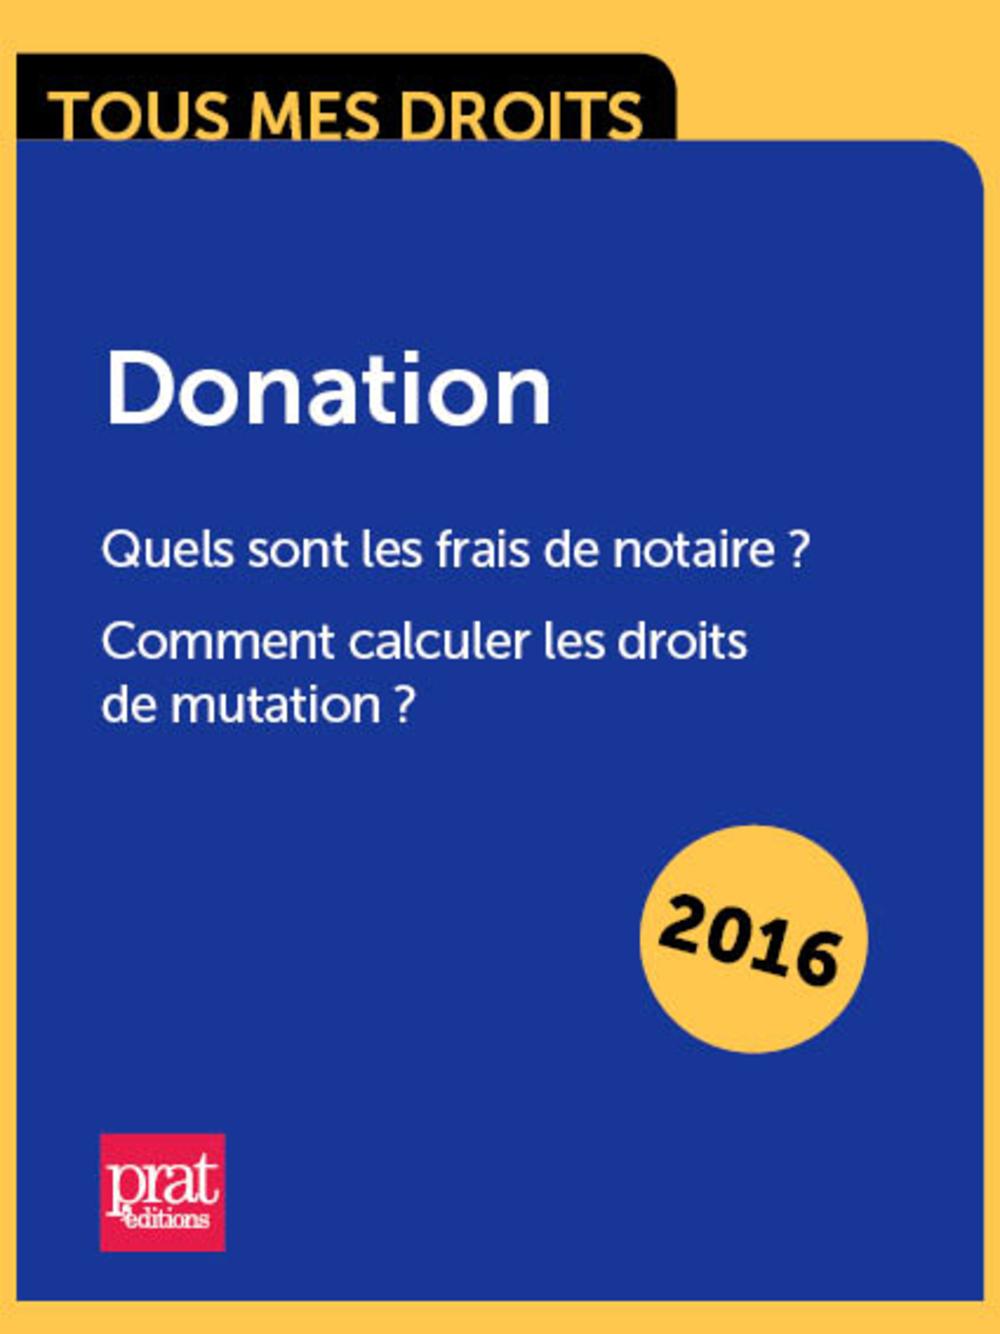 Quel est le coût d'une donation ? Comment calculer les frais de notaire et les droits de mutation ?